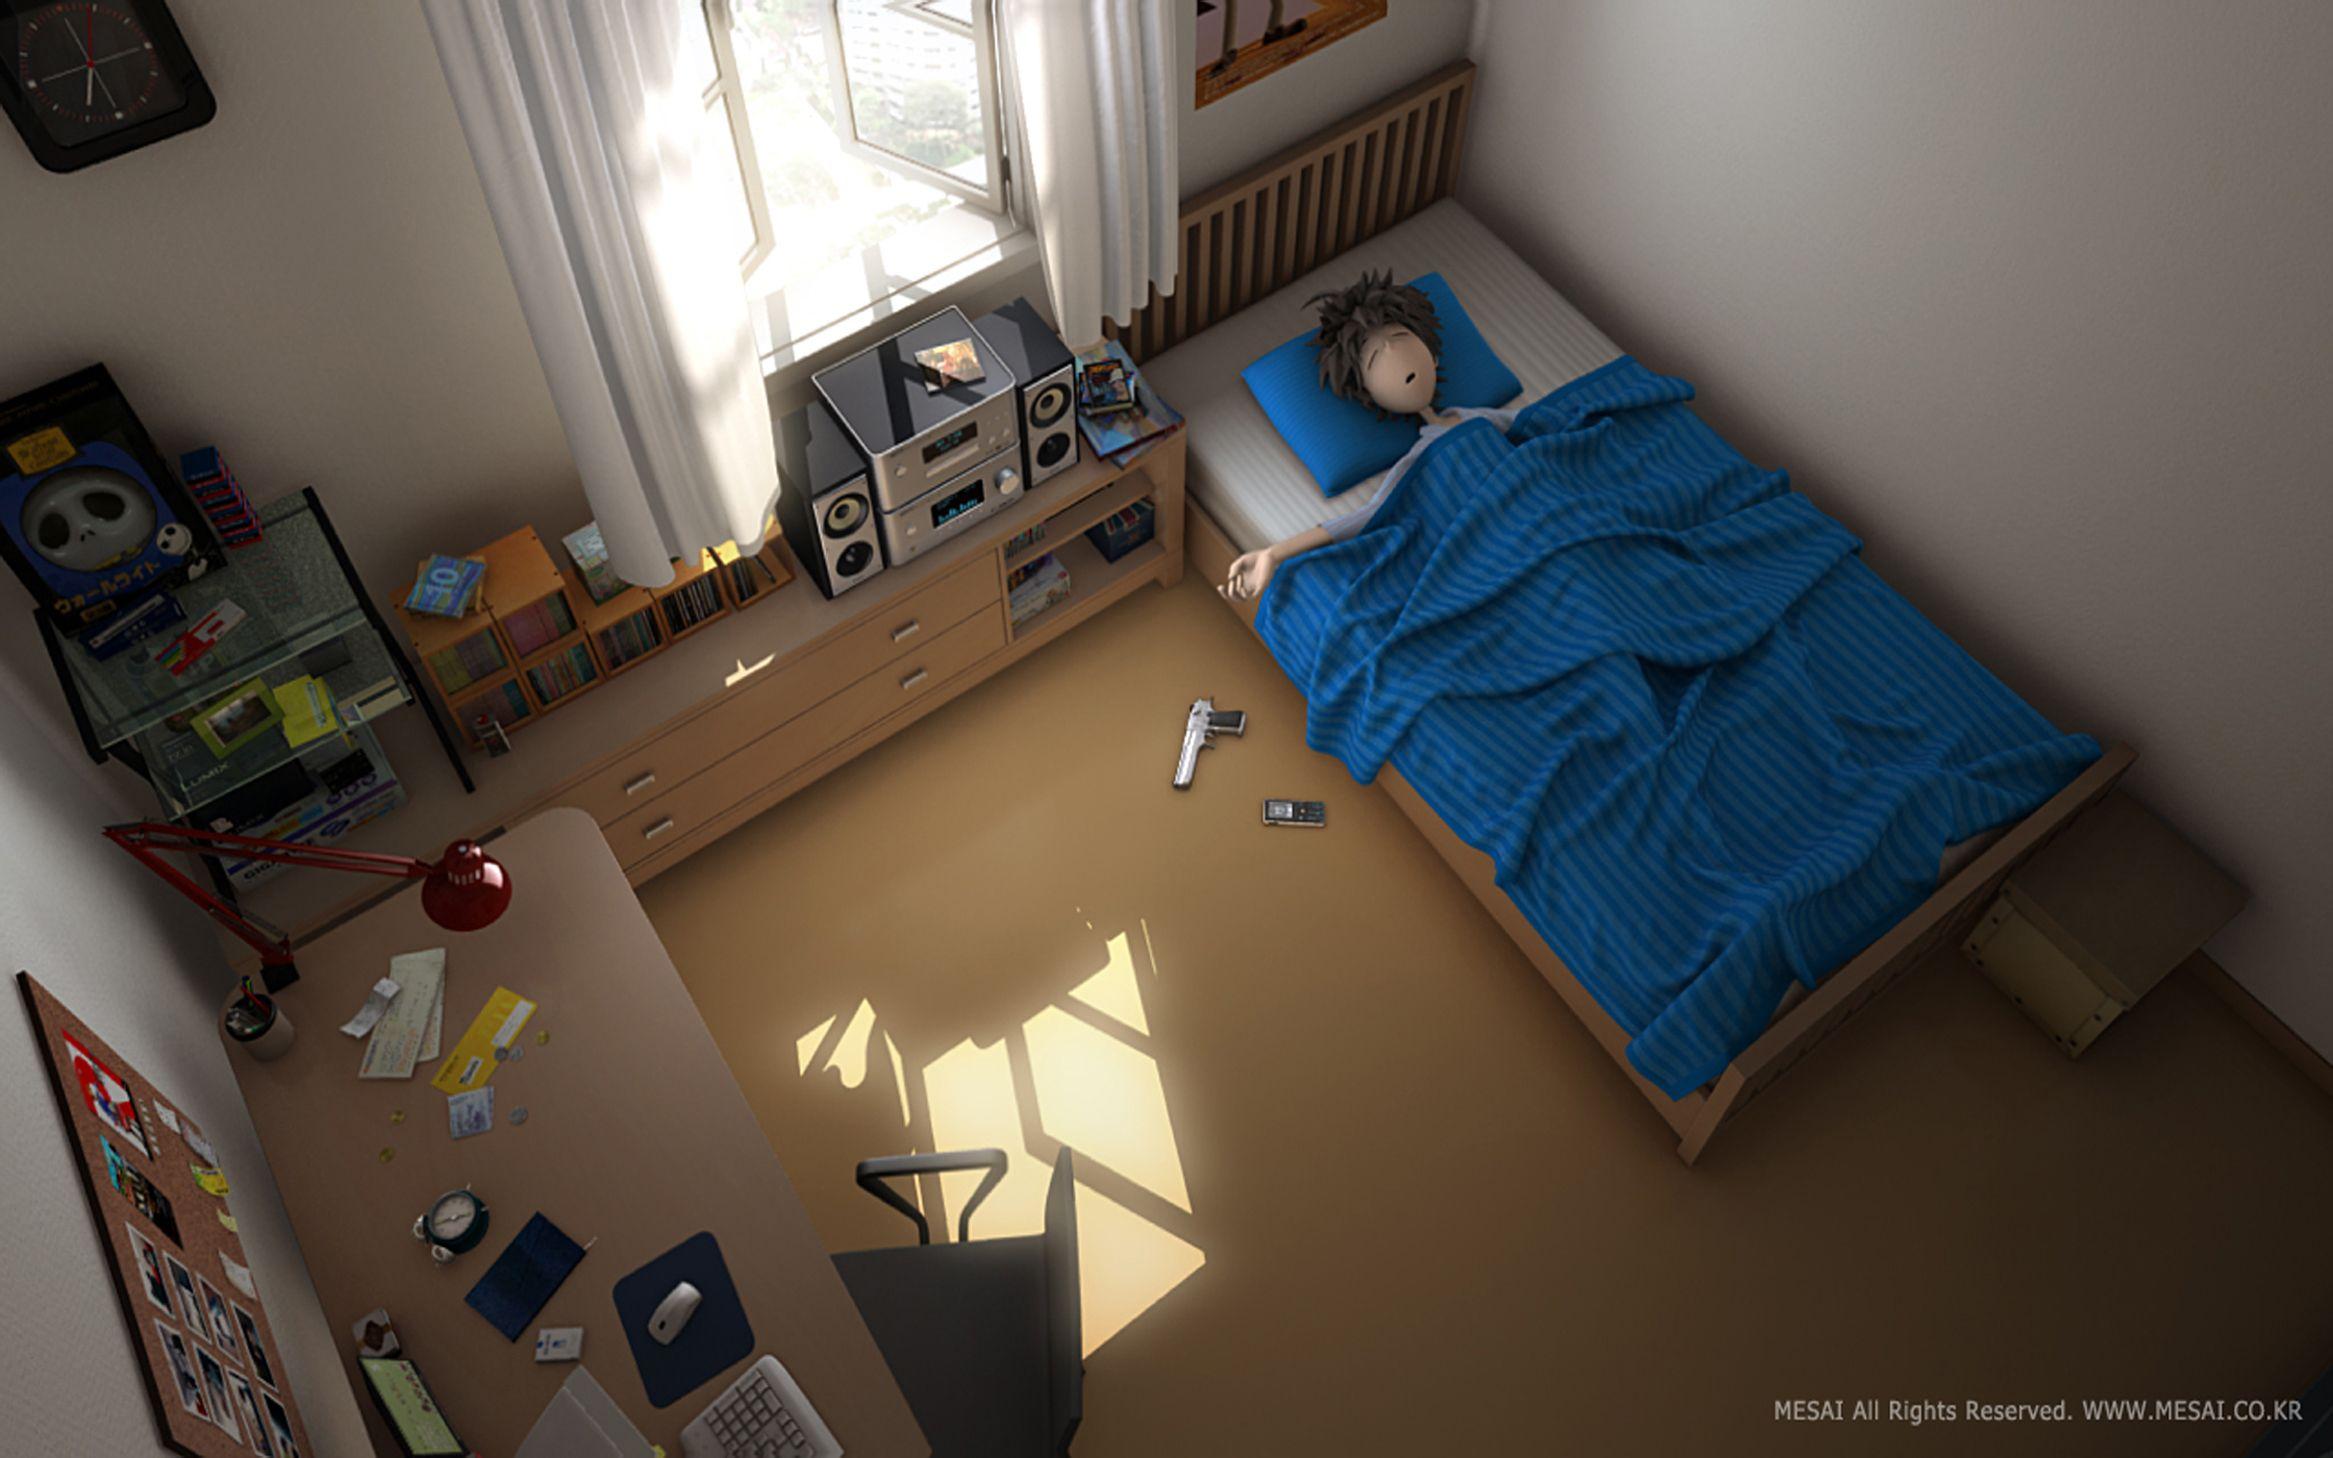 百度雨滴桌面_有一张图片,想做笔记本电脑的背景,图上是一个小男孩的卧室 ...